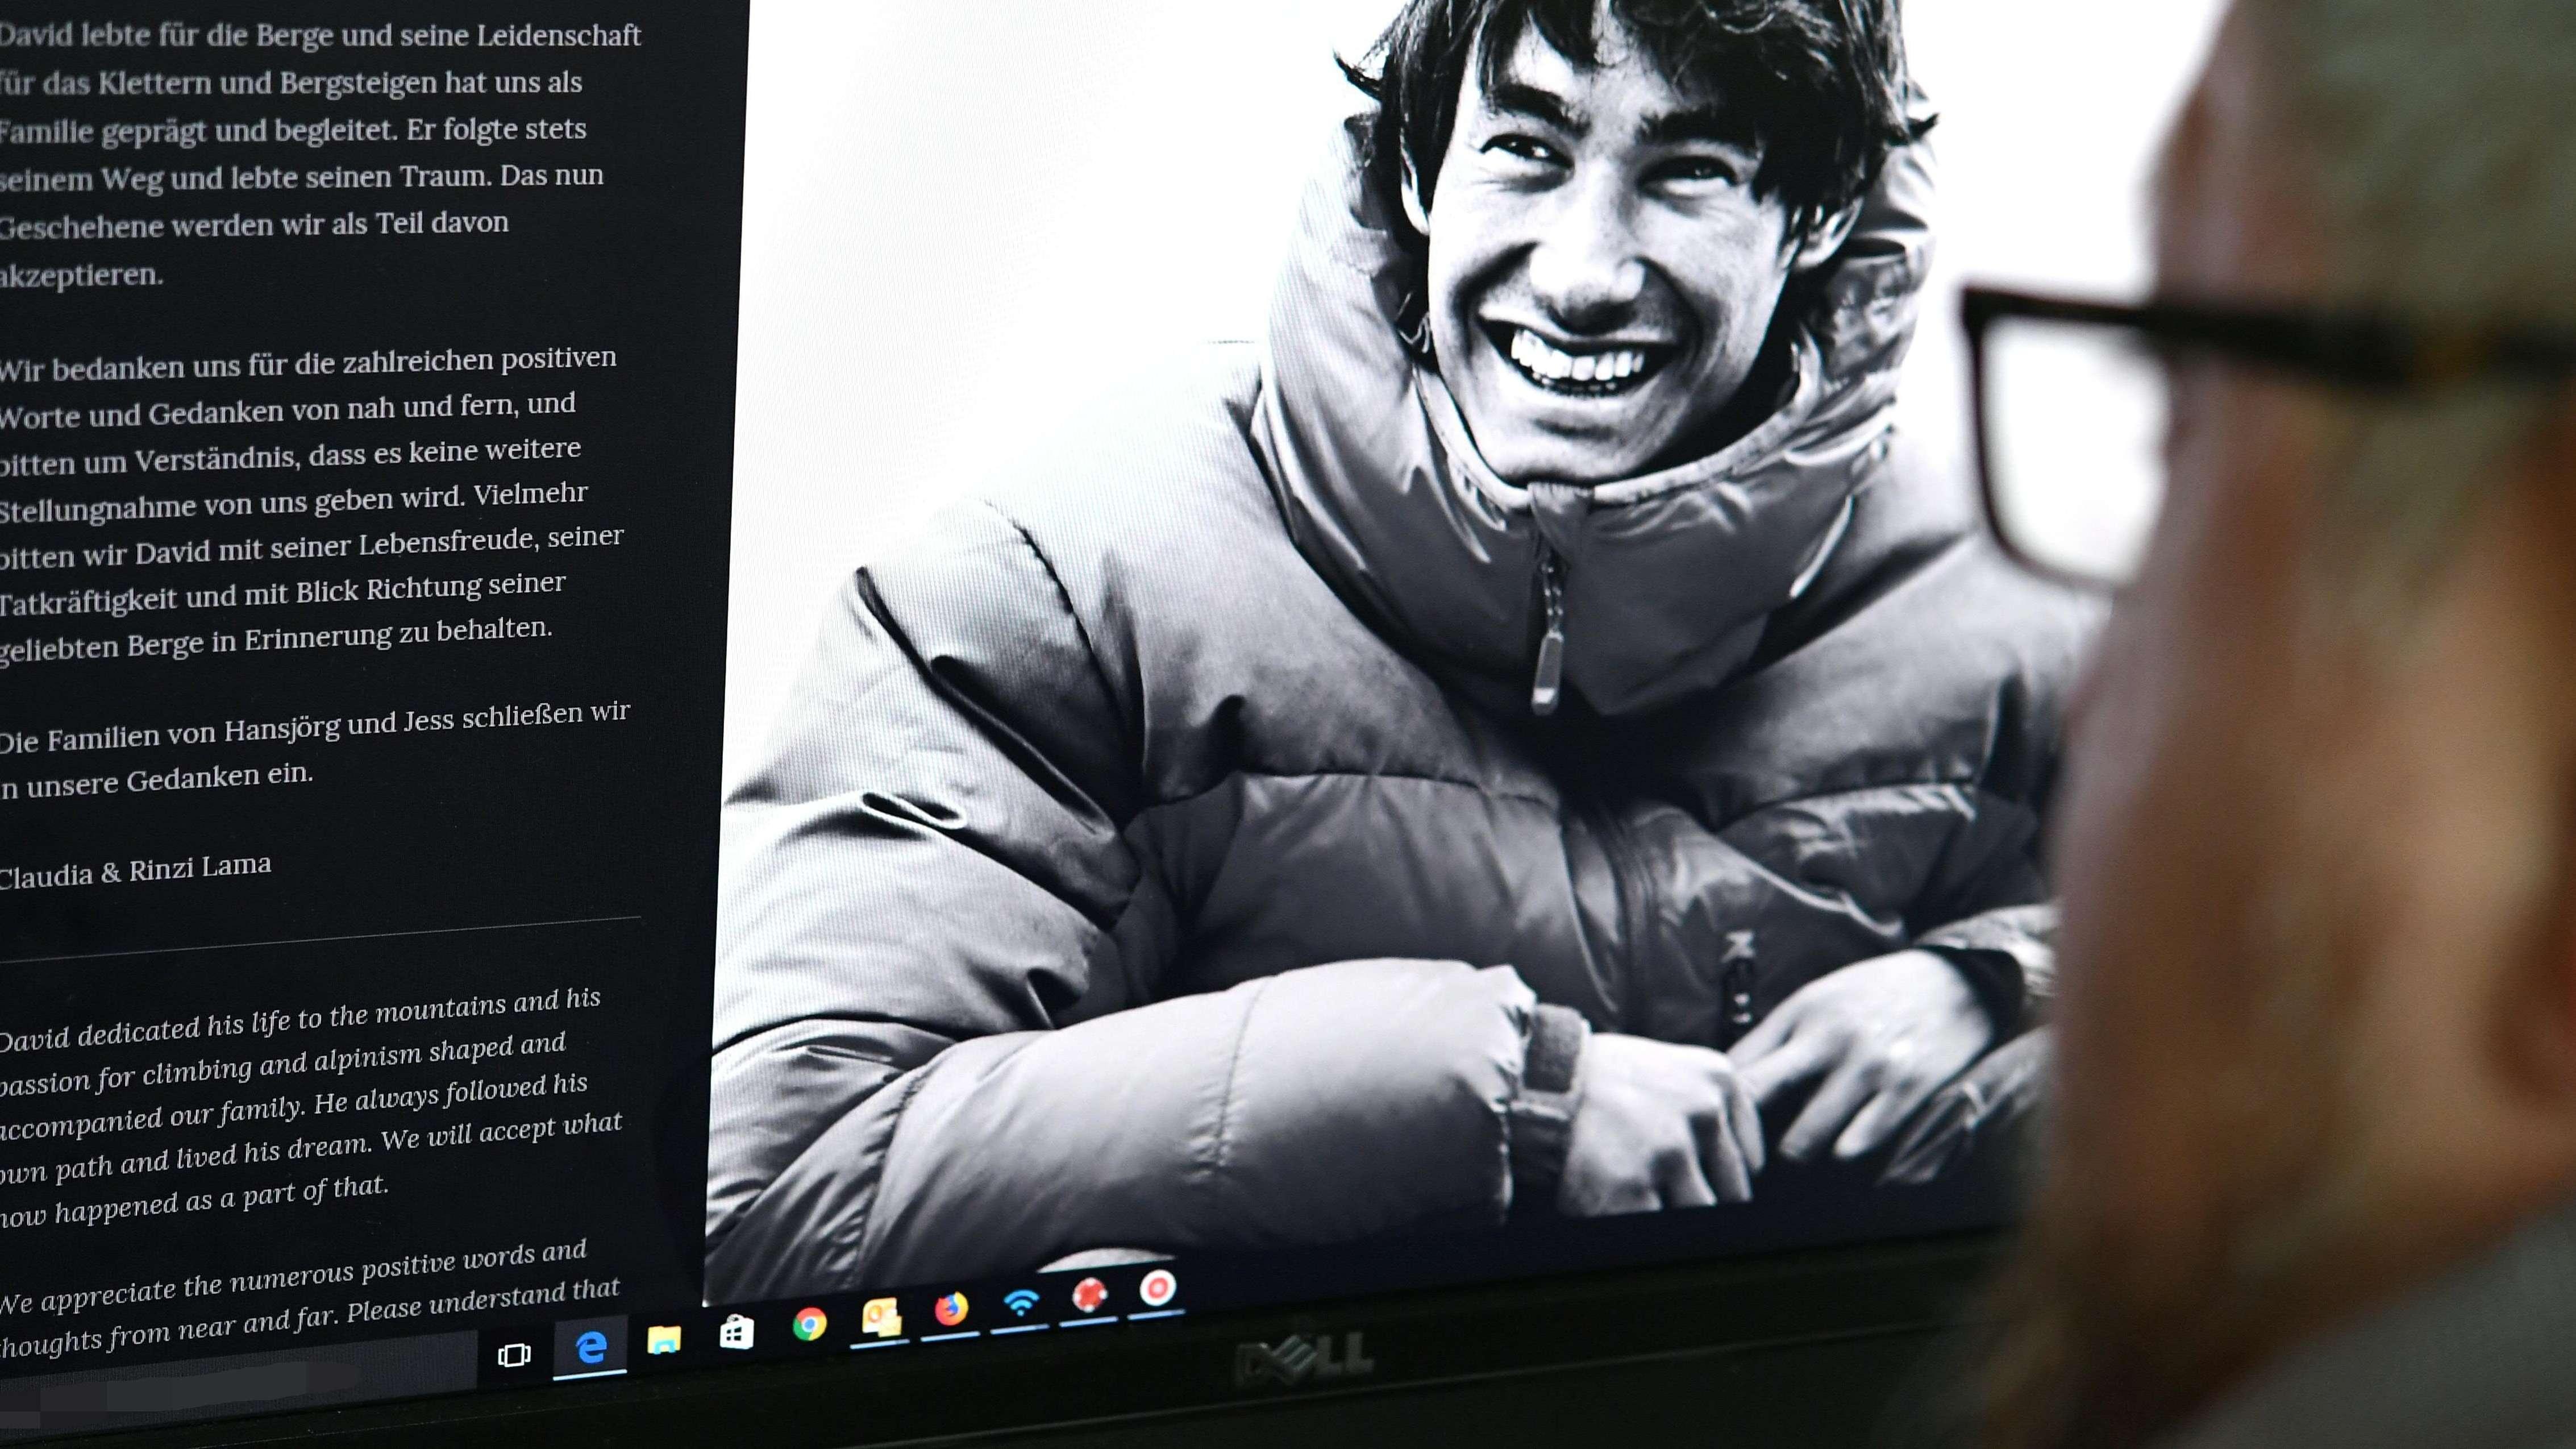 Die Eltern des höchstwahrscheinlich in Kanada tödlich verunglückten Tiroler Alpinisten David Lama haben sich Freitagnachmittag, 19. April 2019, via Social Media erstmals zu Wort gemeldet.